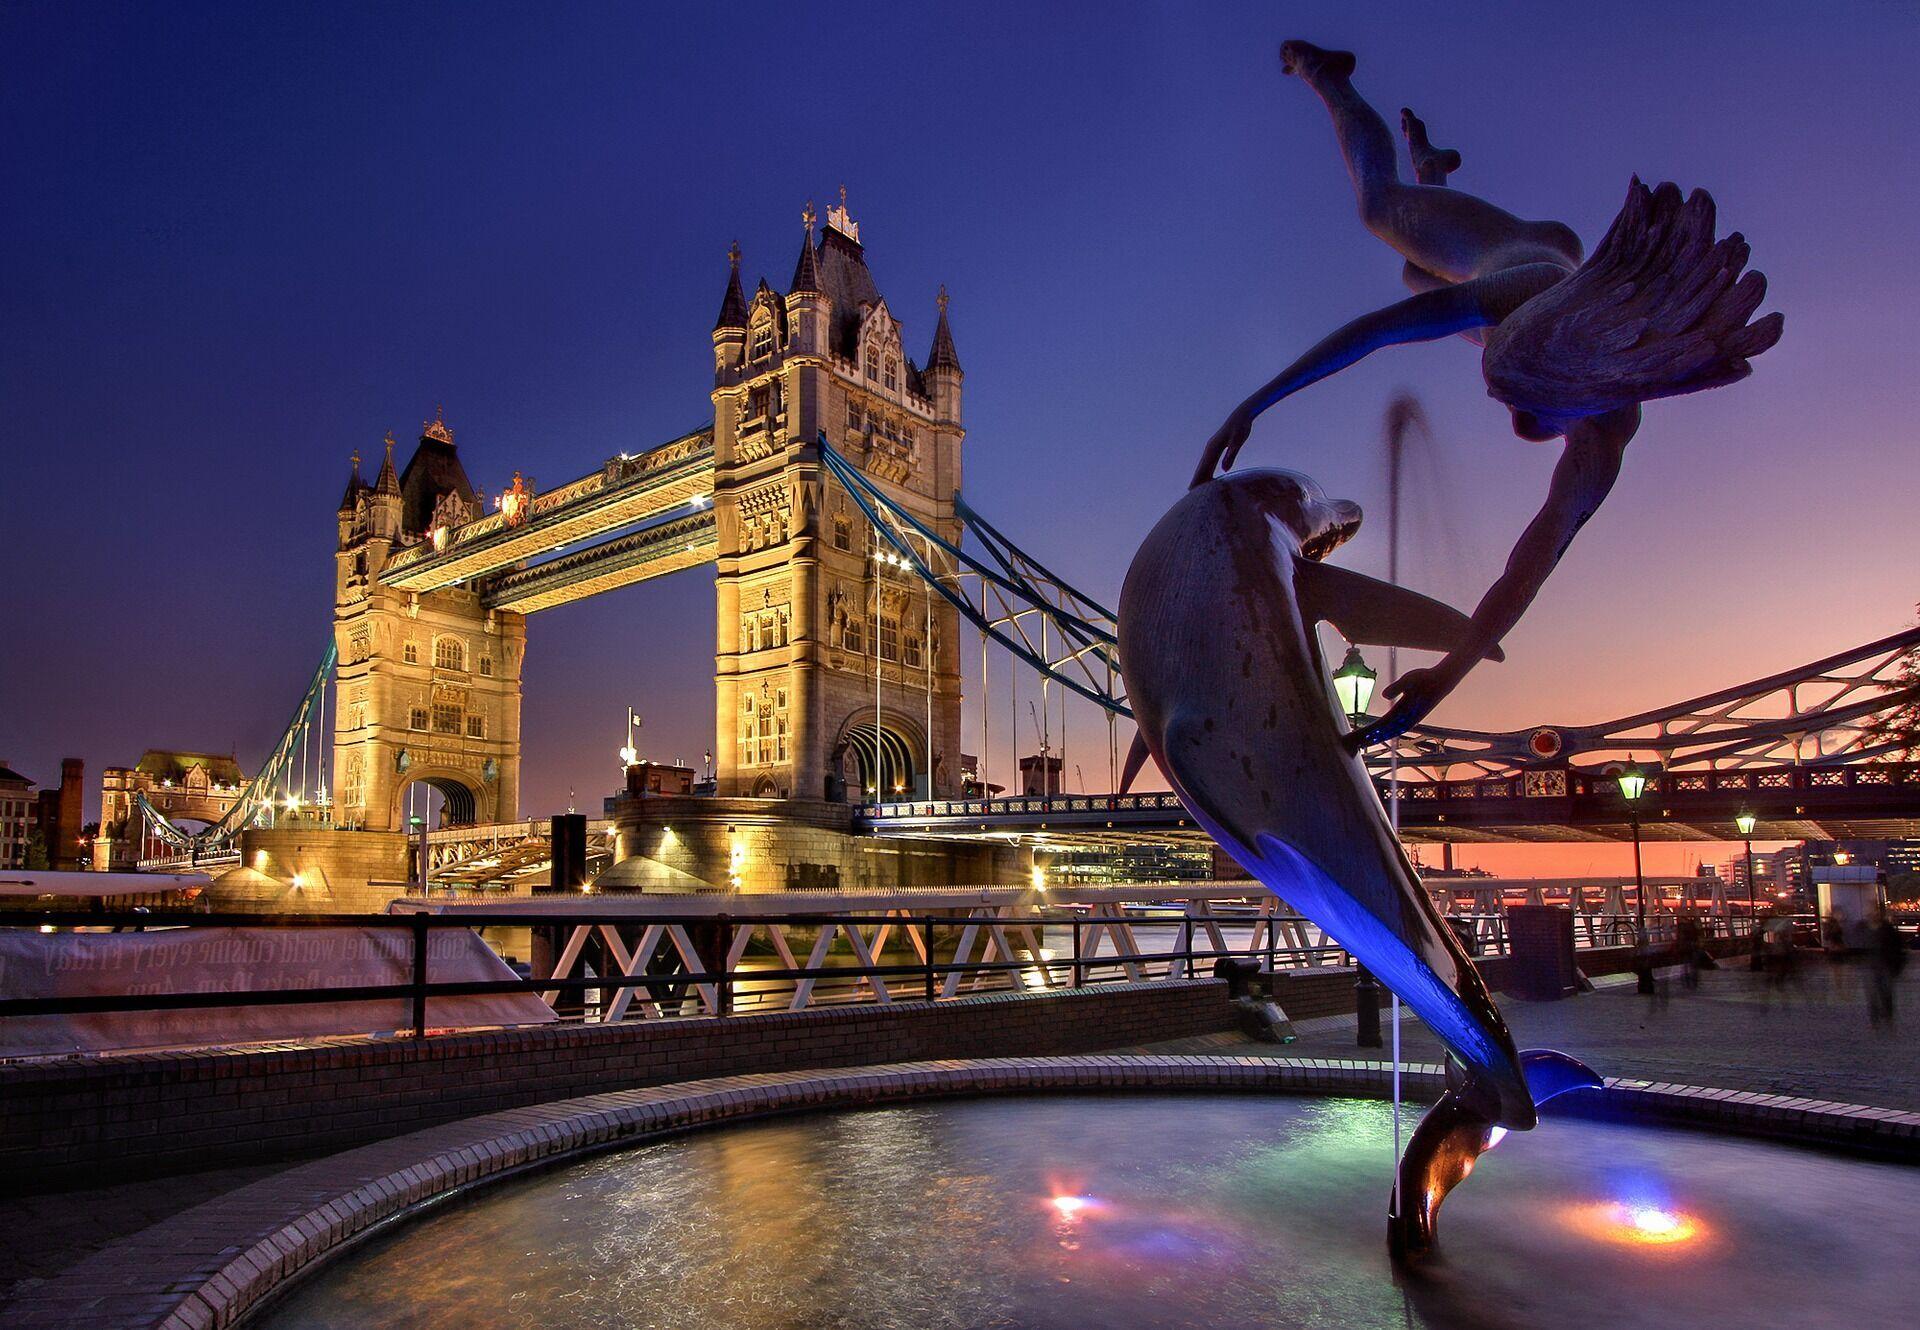 У Лондоні вважається нормальним робити макіяж і фарбувати нігті в громадському транспорті